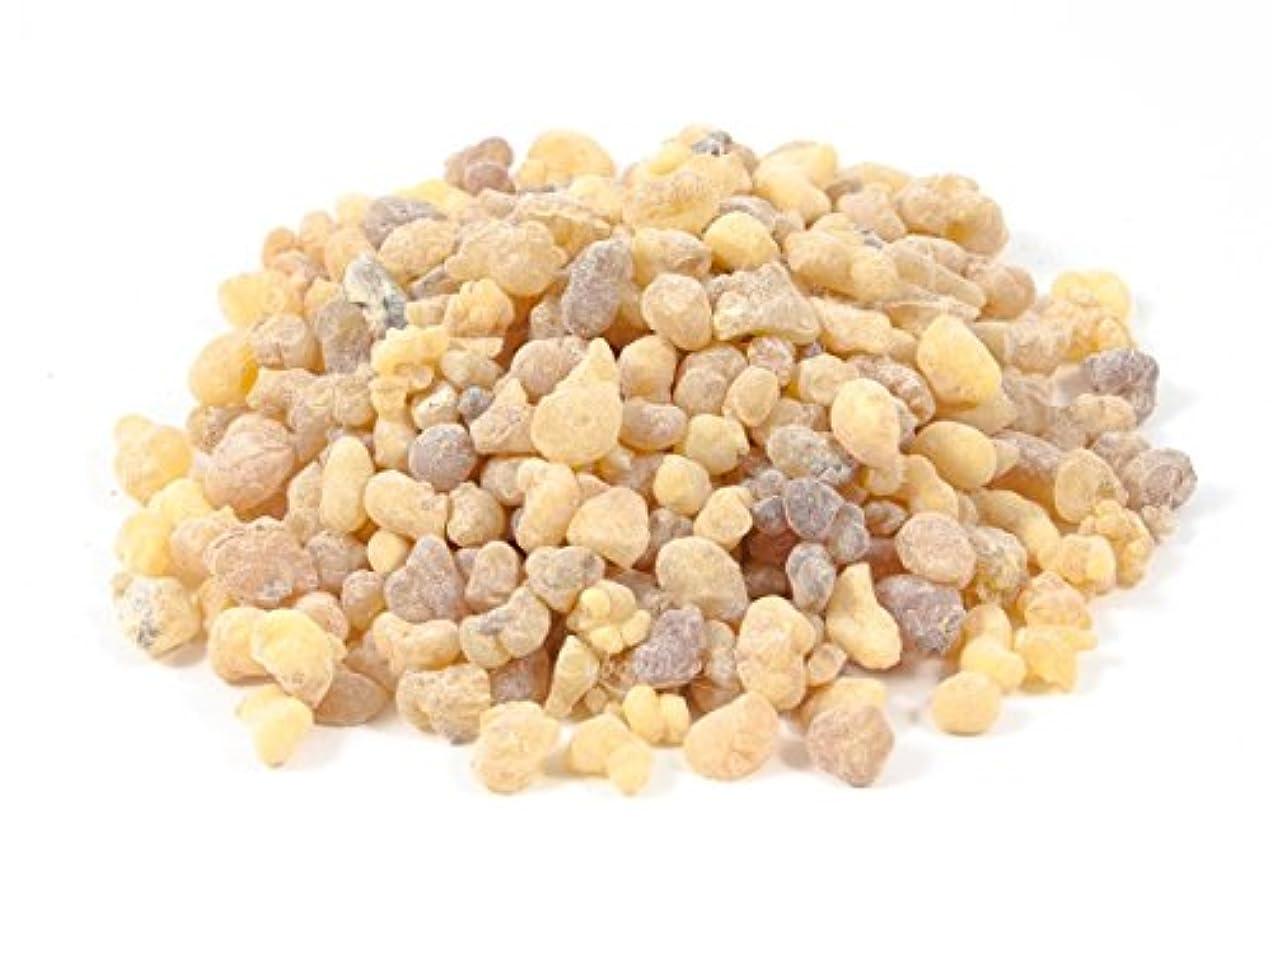 メタン忠実従来の有機自然Frankincense樹脂Tears Gumプレミアム天然Incense Rock 30オンス= 840 GM byベツレヘムギフトTM